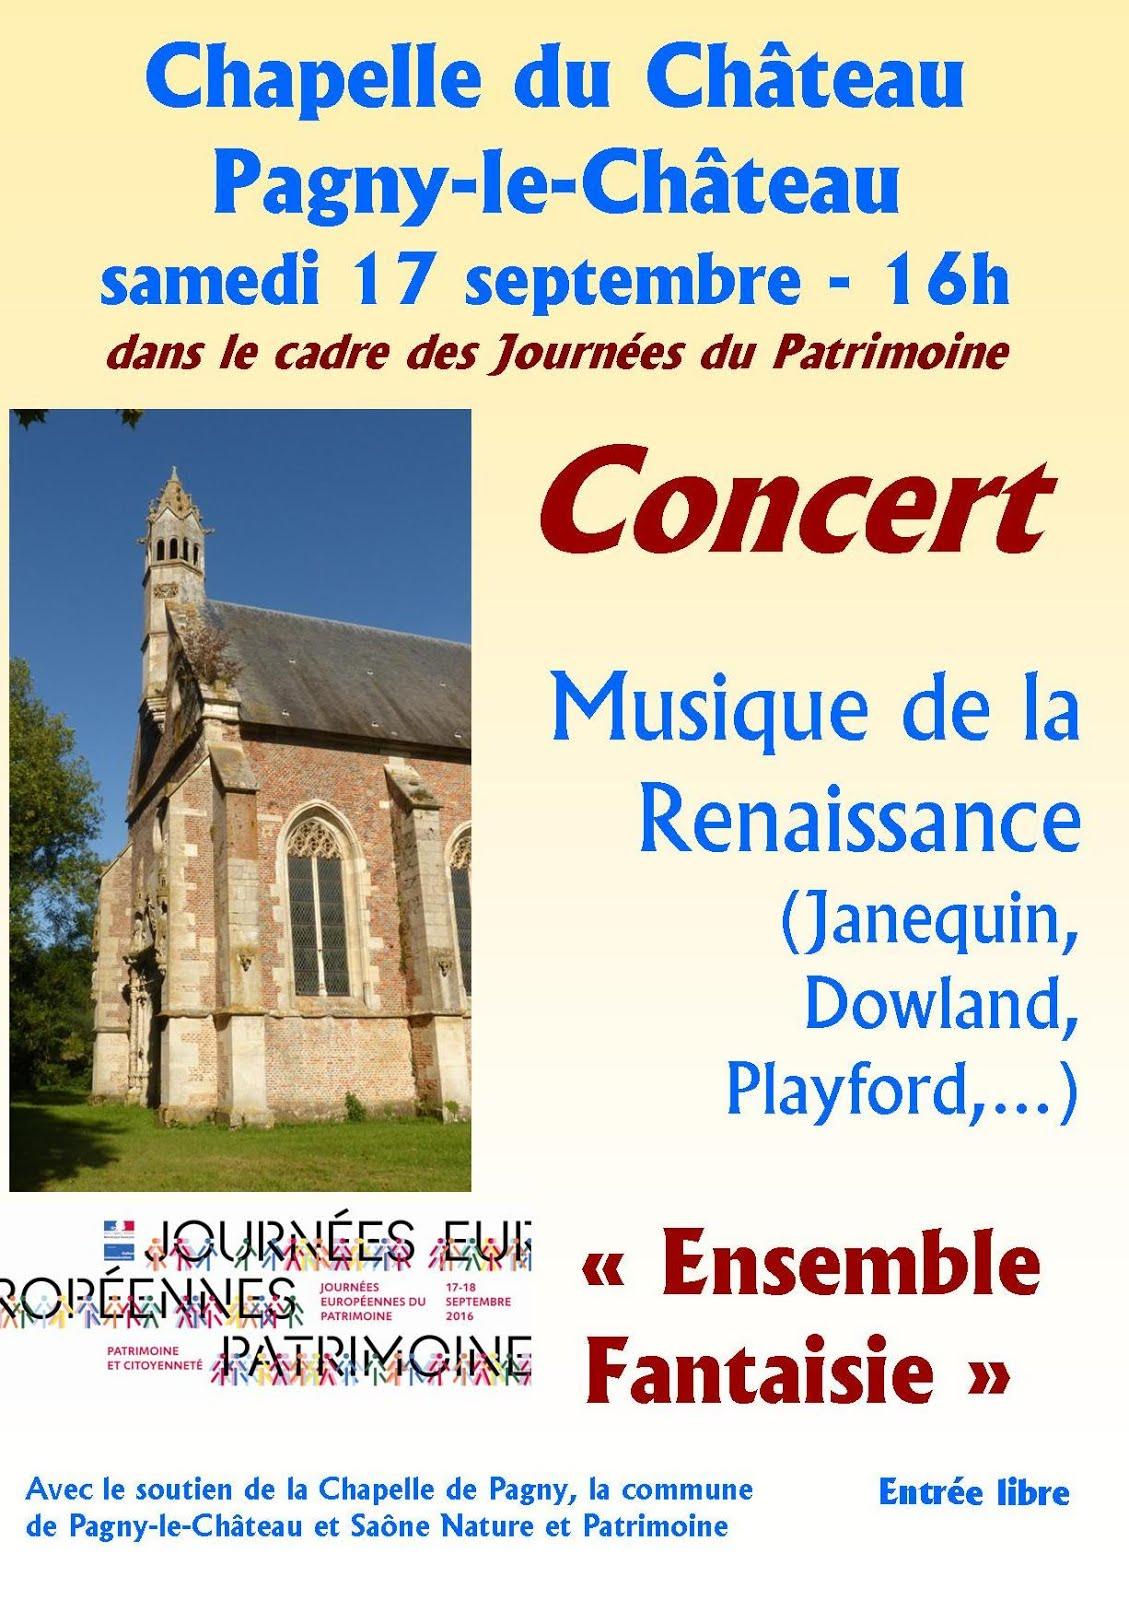 Concert dans le cadre des Journées du Patrimoine soutenu par Saône Nature et Patrimoine